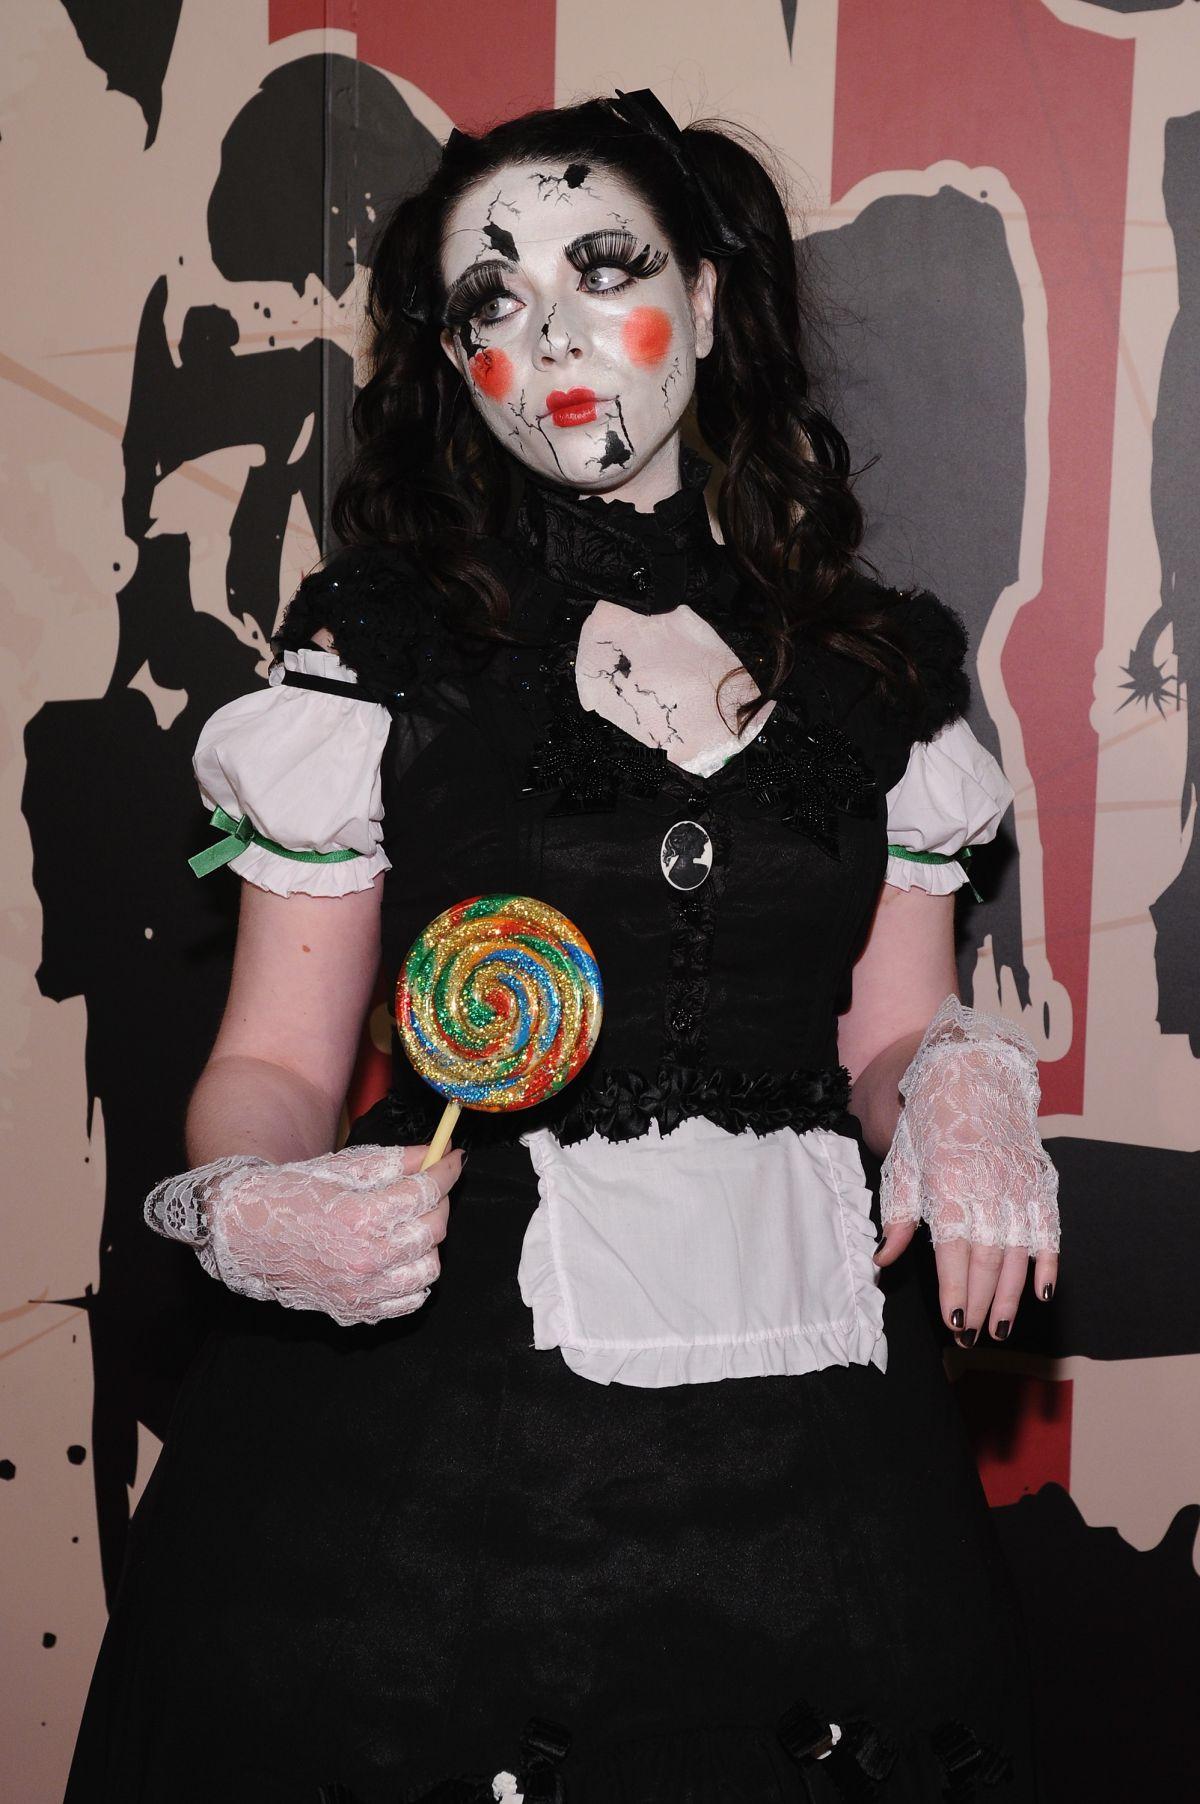 MICHELLE TRACHTENBERG at Heidi Klum's Halloween Party in New York ...